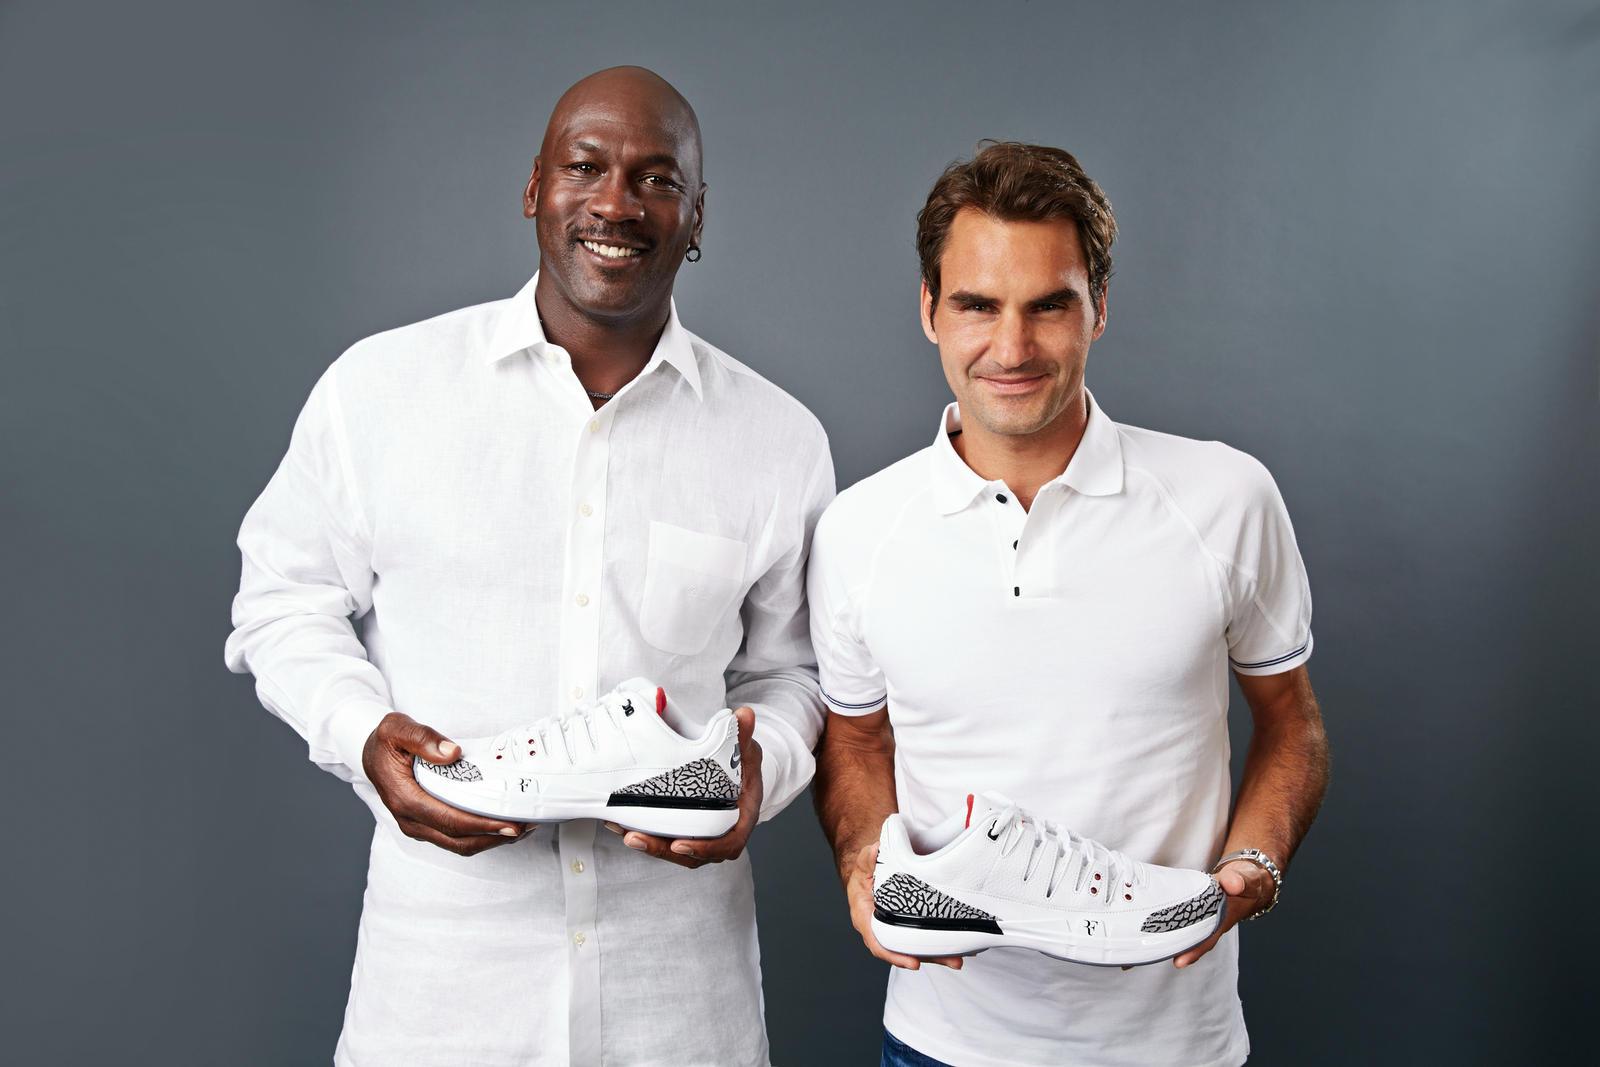 Nike Air Jordan Tennis Shoes